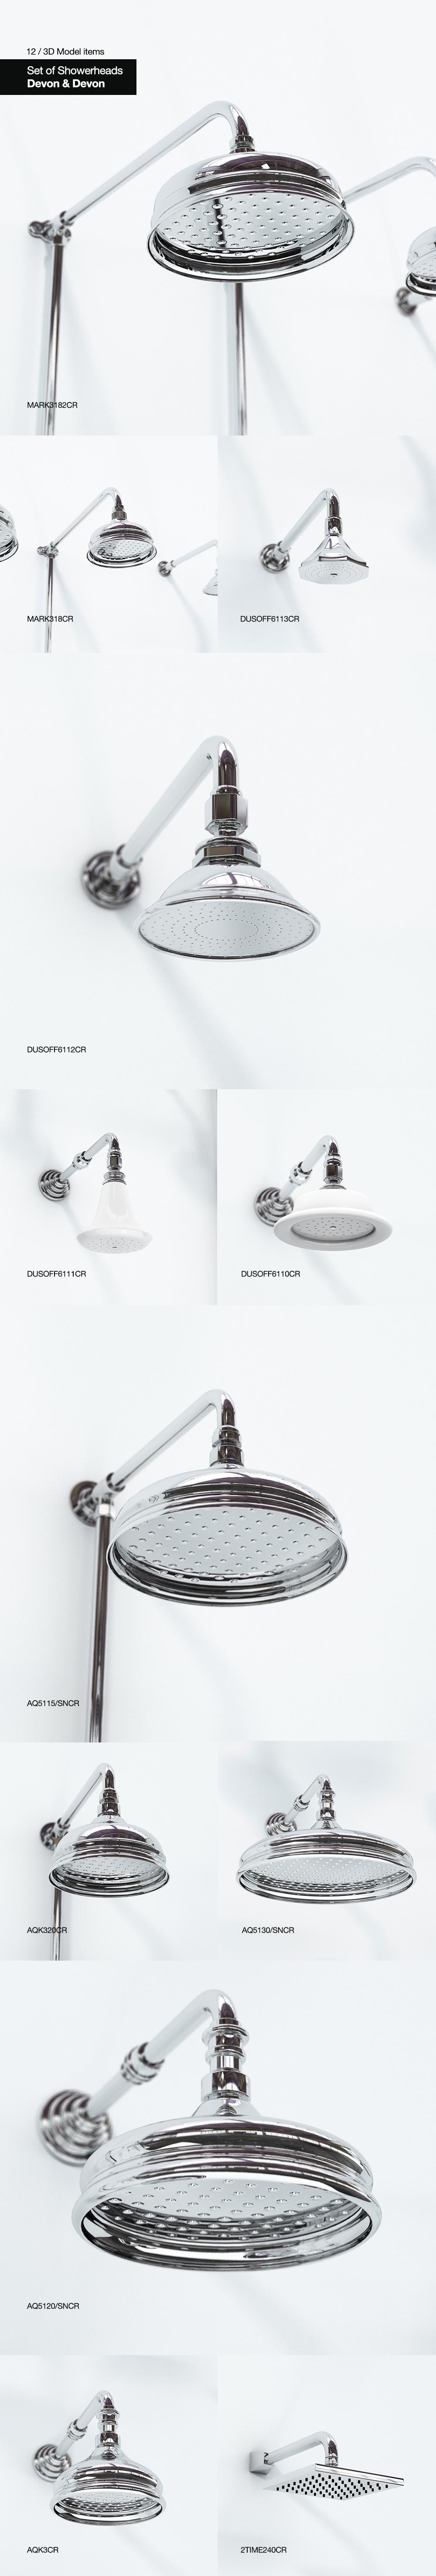 12 Showerheads Devon&Devon